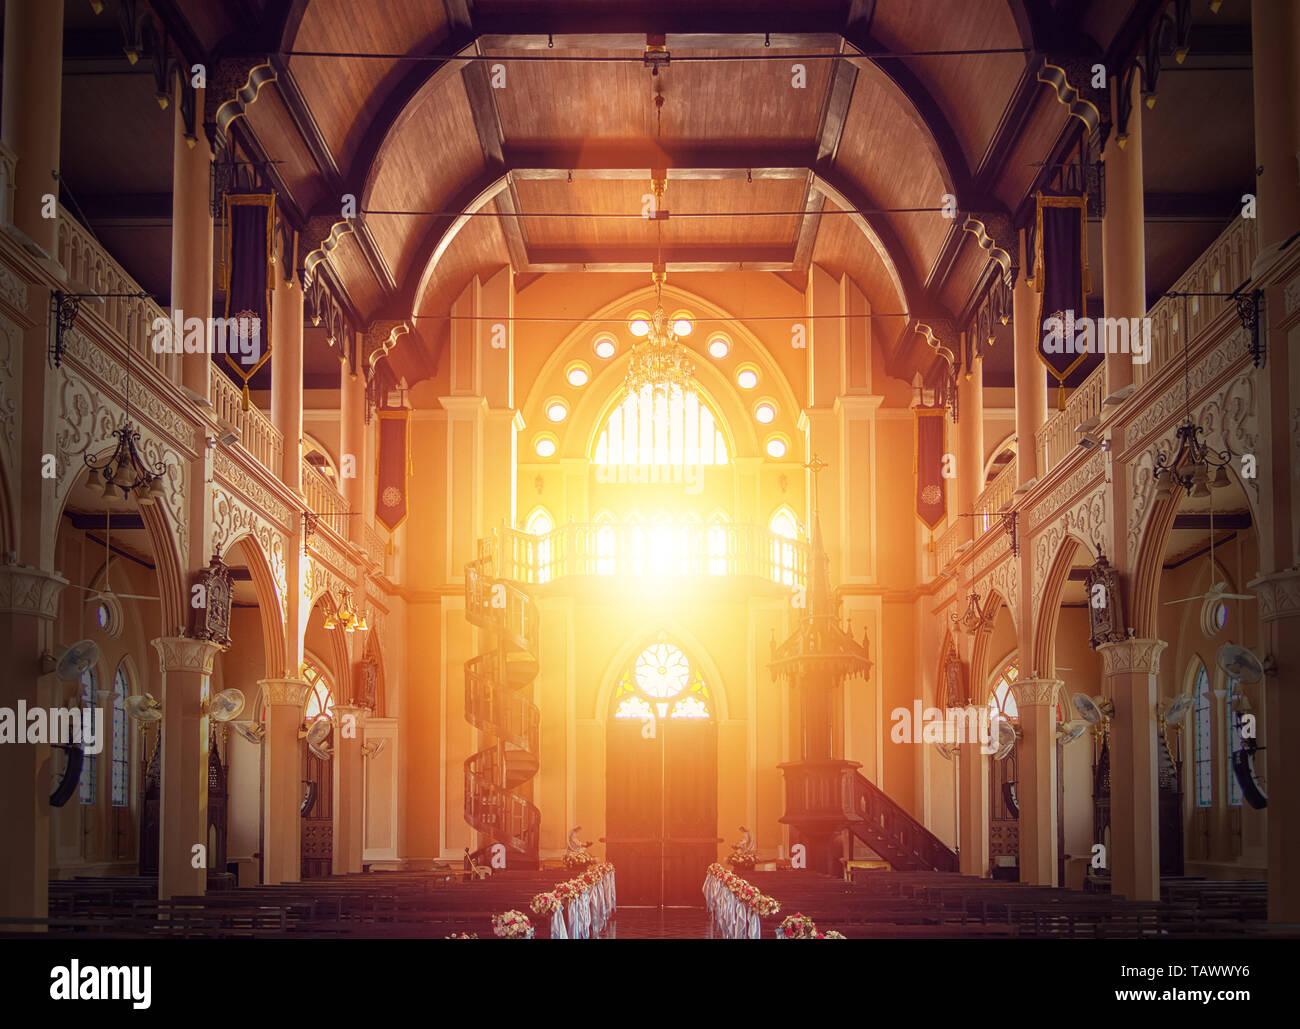 Vista interior de la iglesia vacía con banco de madera decoradas con bouquet de flores, la luz del sol a través de la vidriera de la iglesia Foto de stock